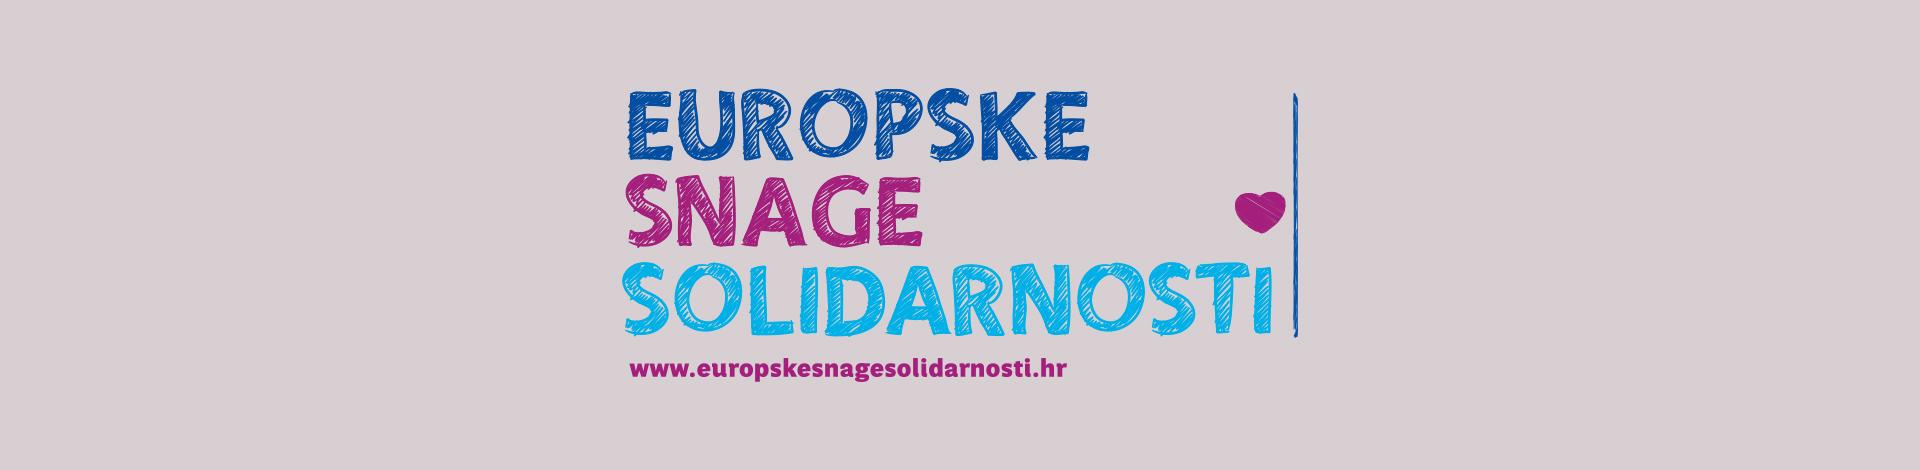 Webinari za novo programsko razdoblje Erasmus+ i Europske snage solidarnosti - Slika 1